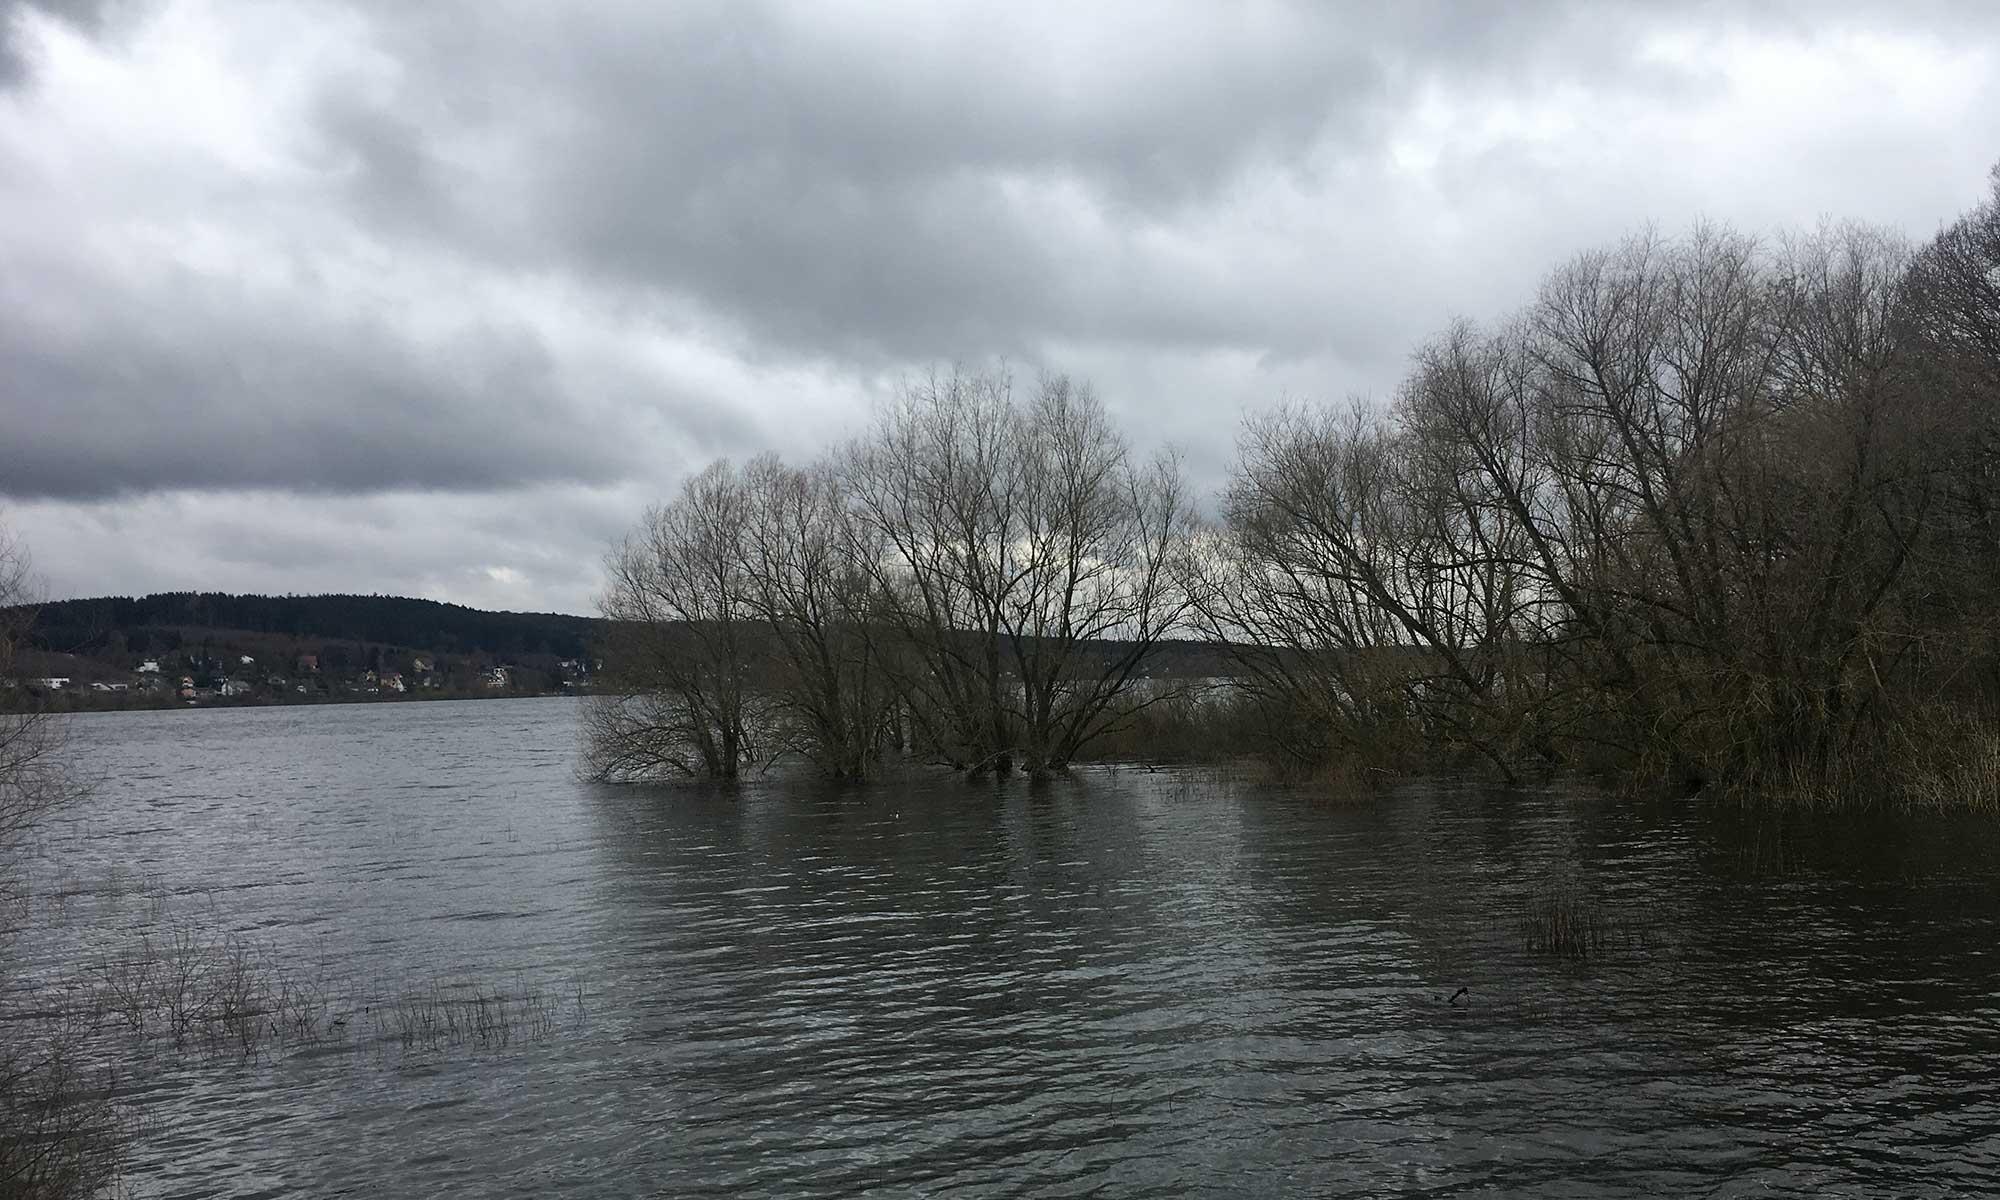 Bäume im Wasser am Ufer der Möhne Talsperre